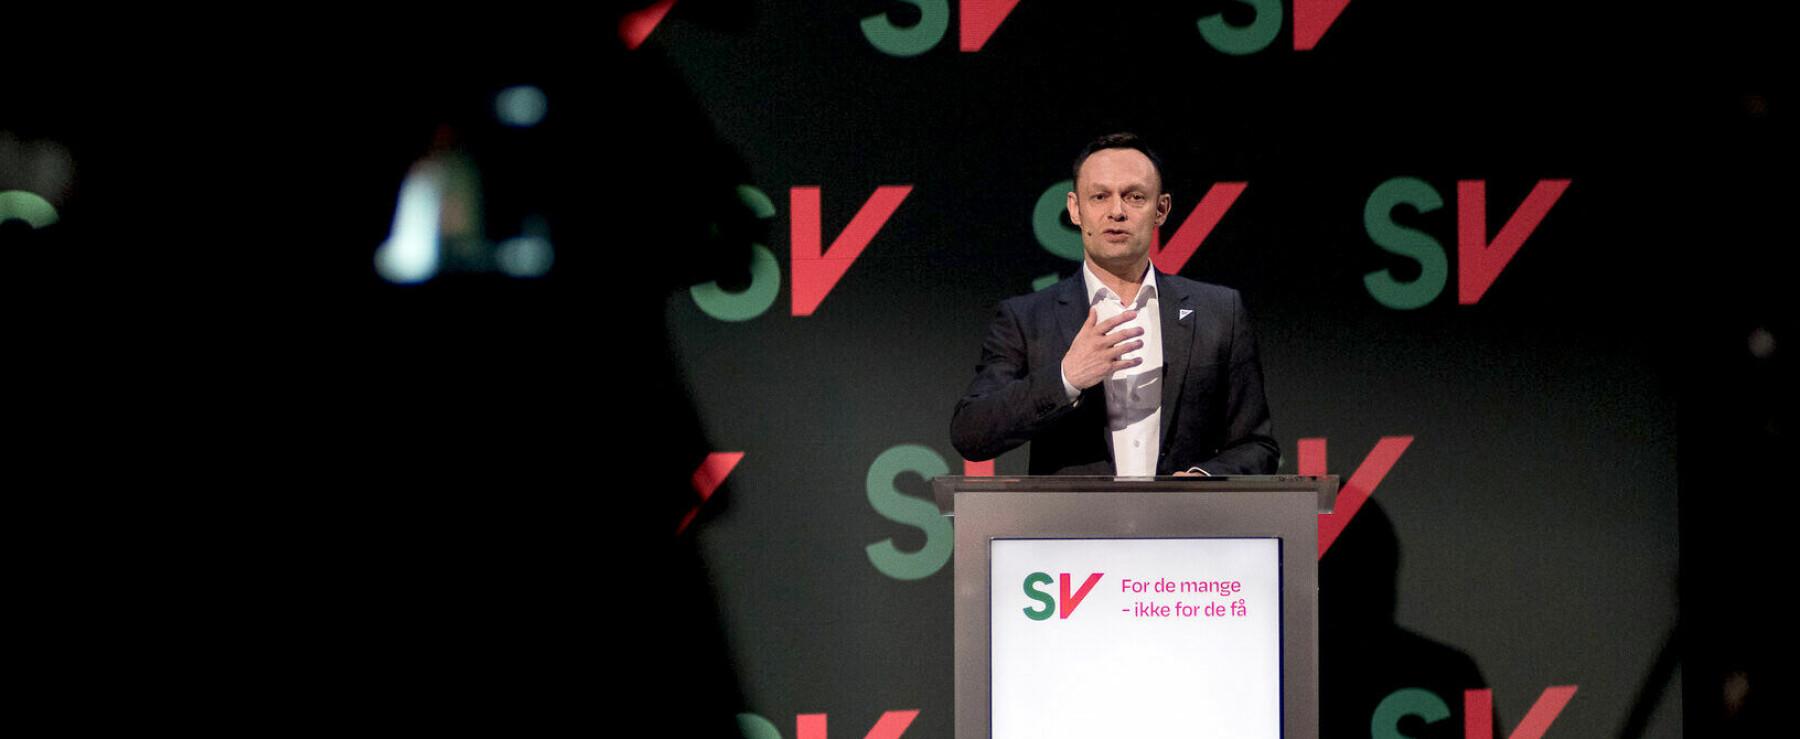 SVs nestleder Torgeir Knag Fylkesnes har blitt blant landsdelens tydeligste politikere. Nå får han muligheten til å levere.